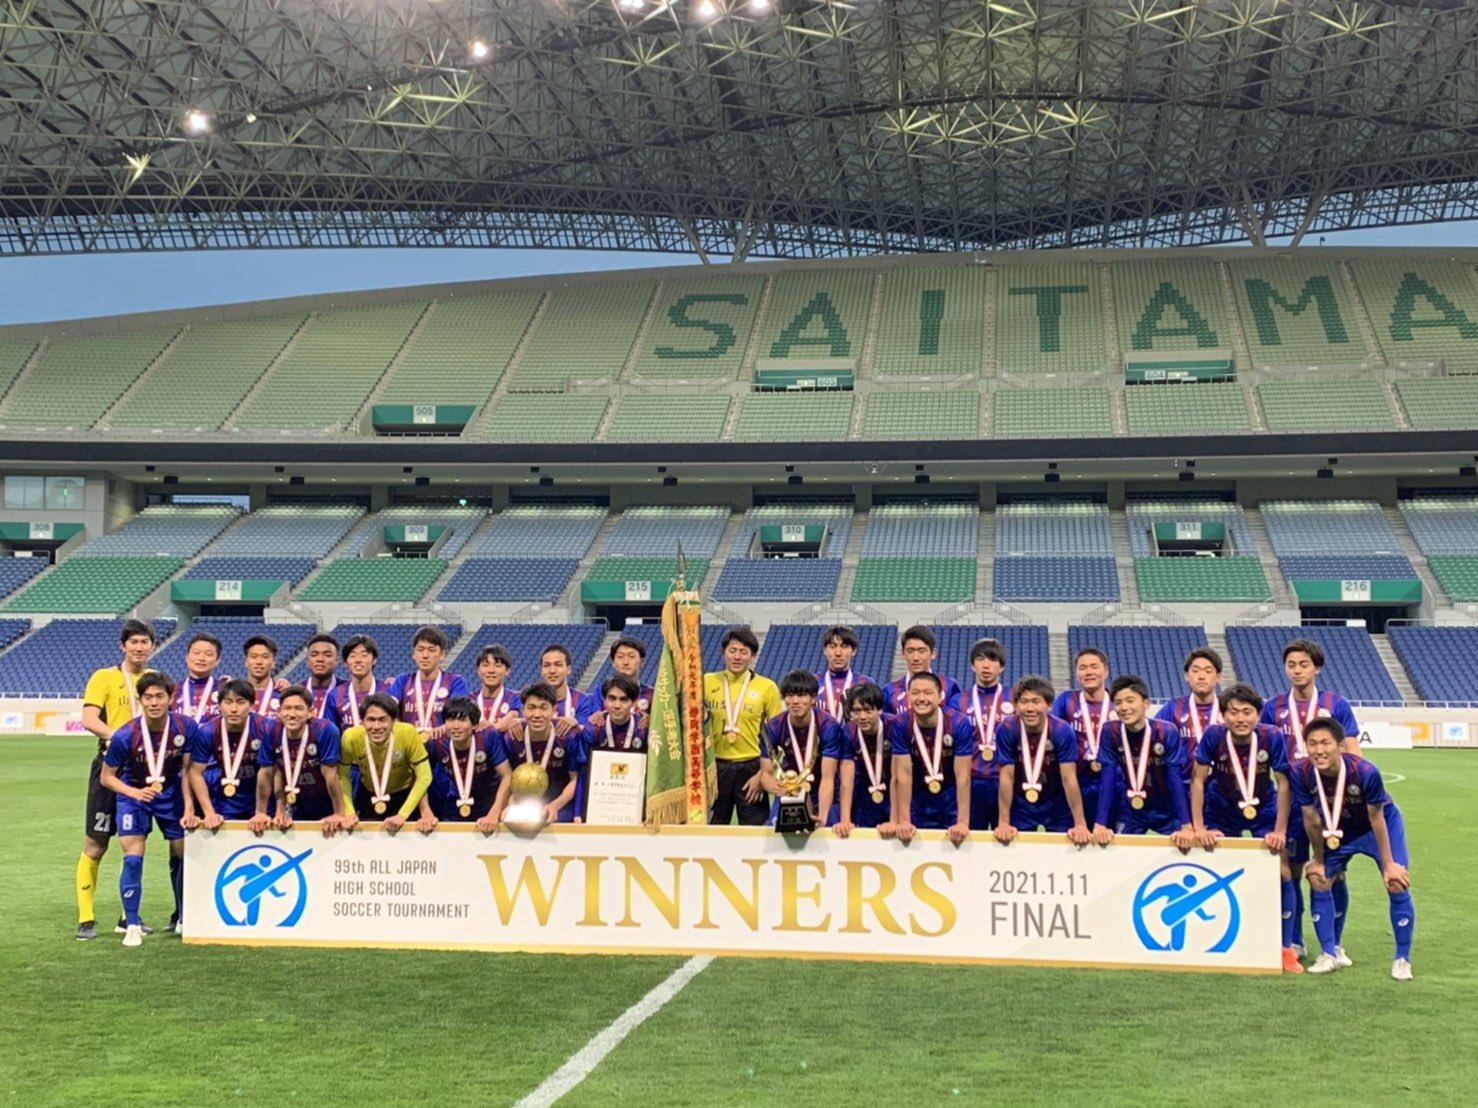 画像,日本一取りました!!!3年間支えてくれた方々、選手権を無事行ってくれた方々のおかげで優勝することが出来ました。この仲間とサッカー出来て最高です。 https:/…